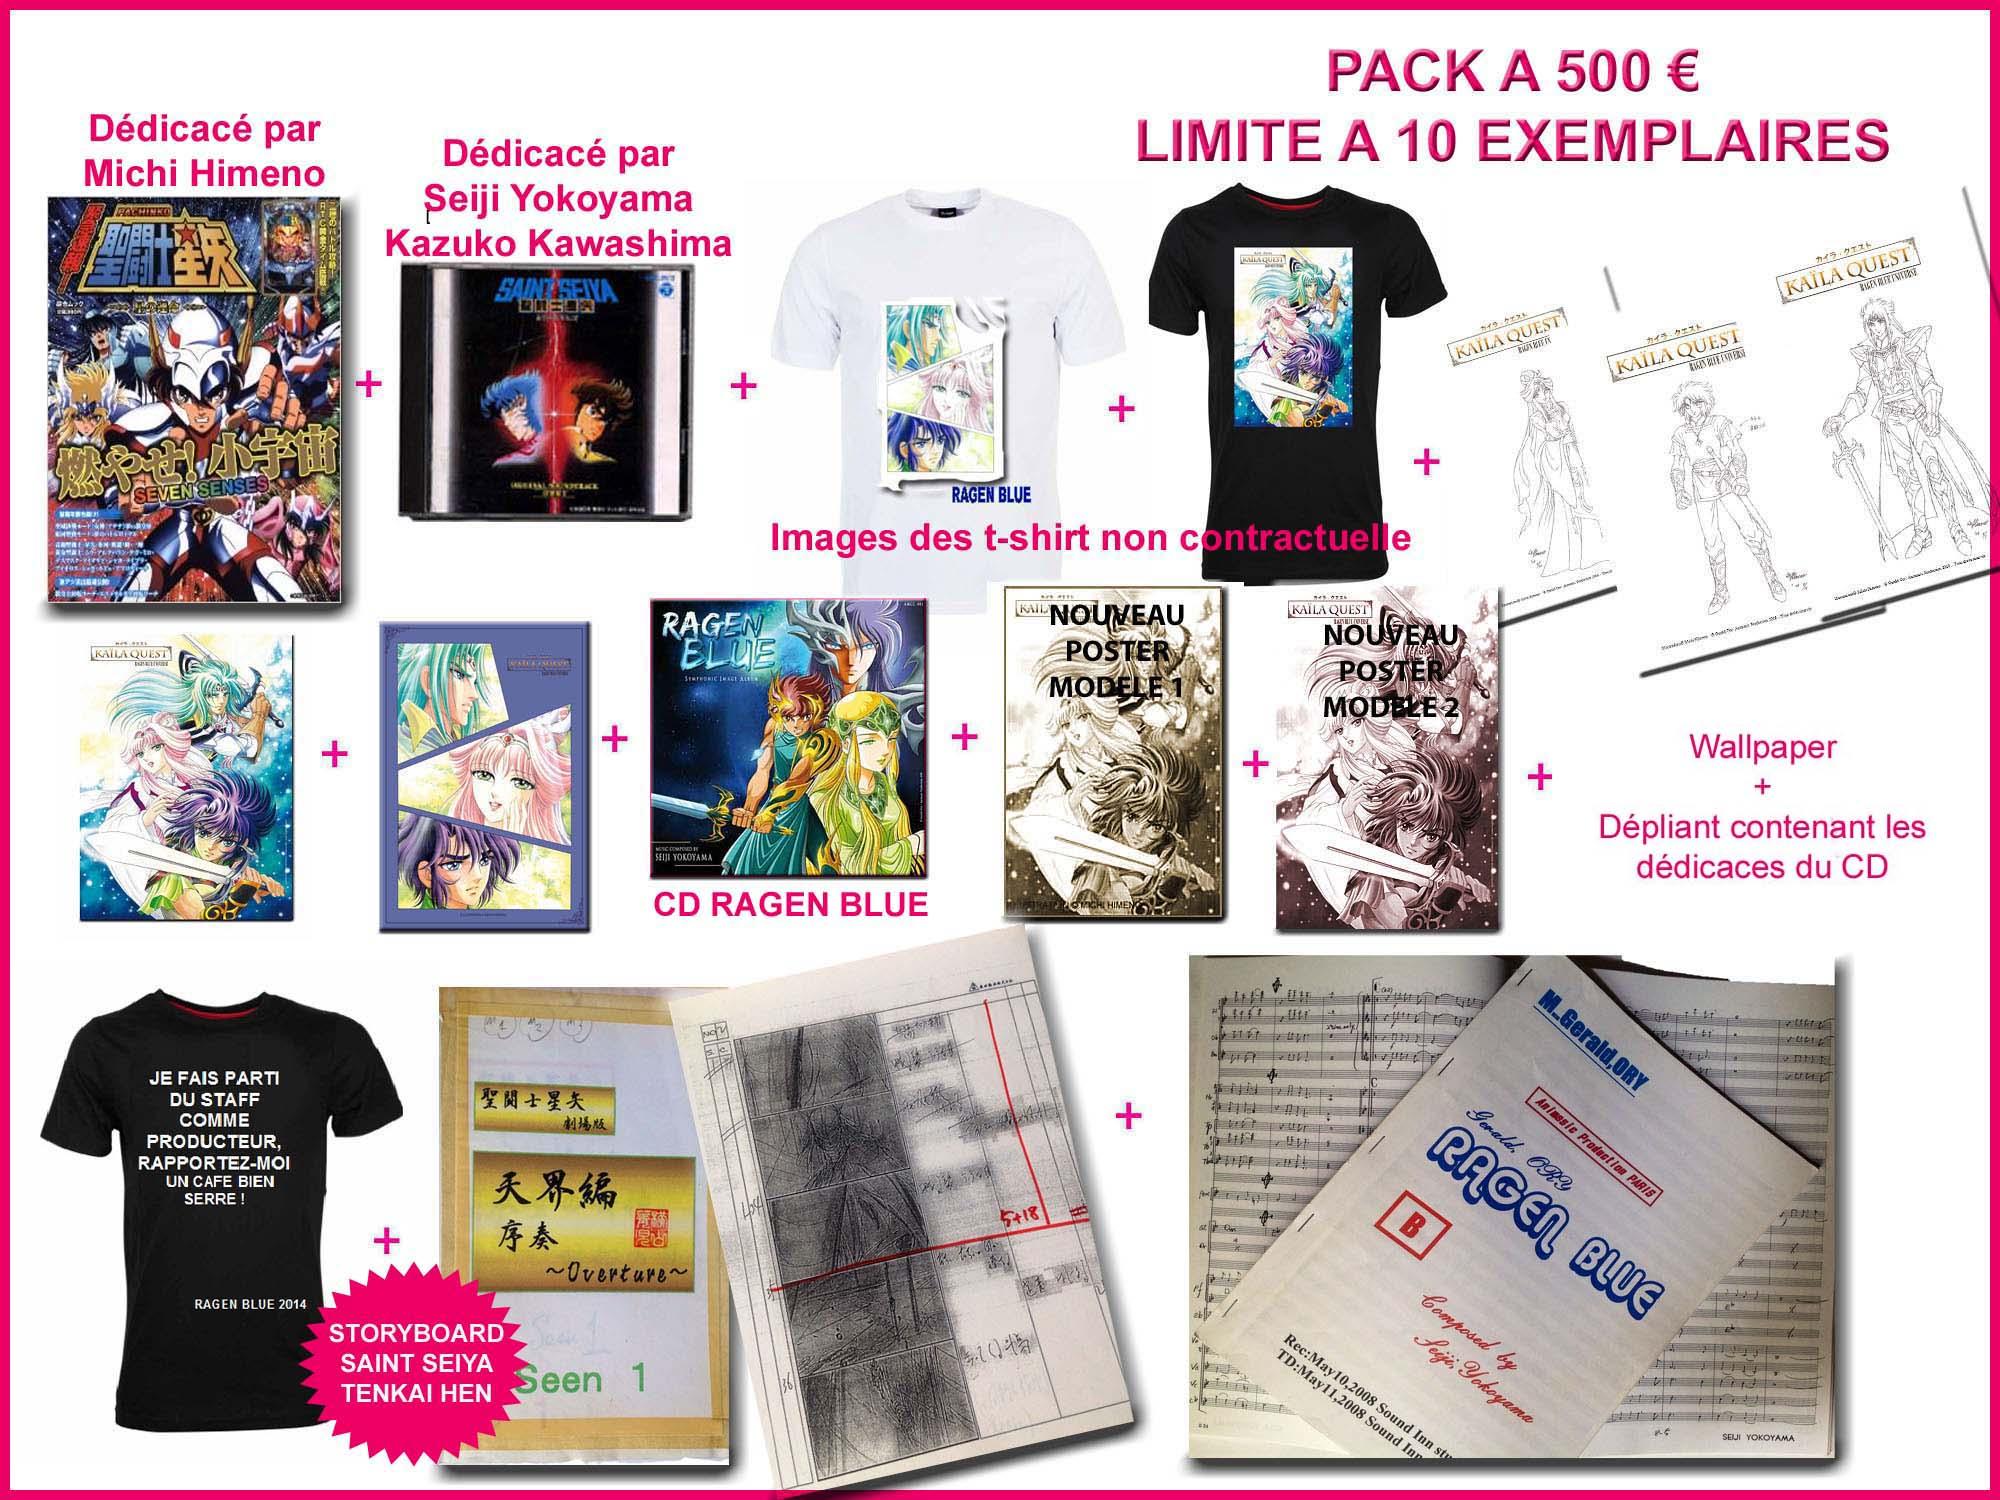 De nouvelles illustrations et goodies de Michi Himeno (Saint Seiya, Lady Oscar, Yugioh...) Pack500_ragenblue